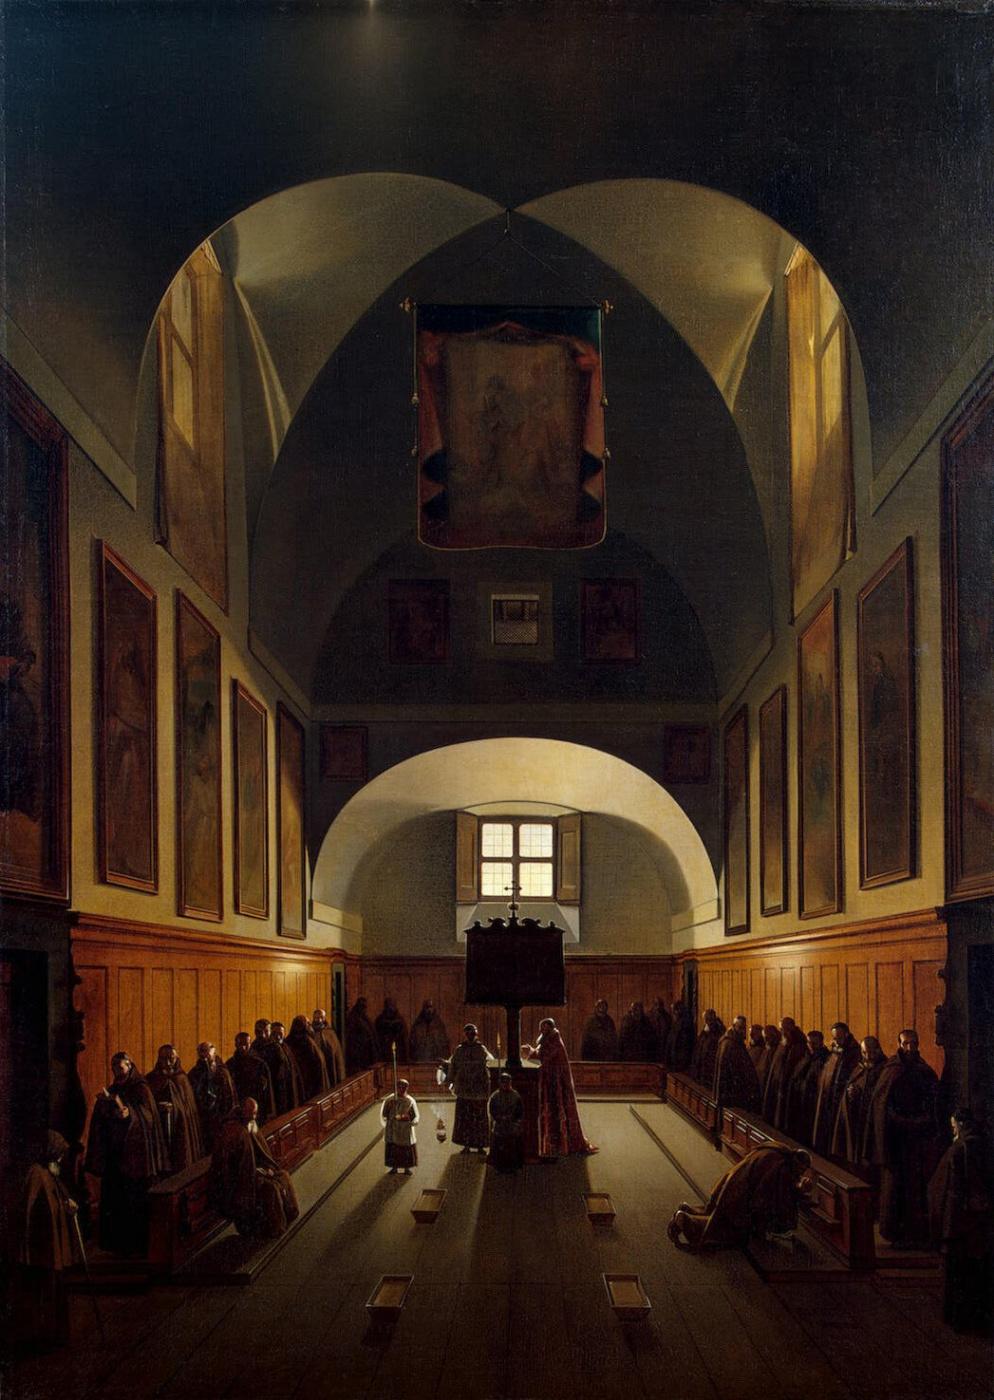 Франсуа Мариус Гране. Внутренний вид хоров в церкви Капуцинского монастыря на площади Барберини в Риме